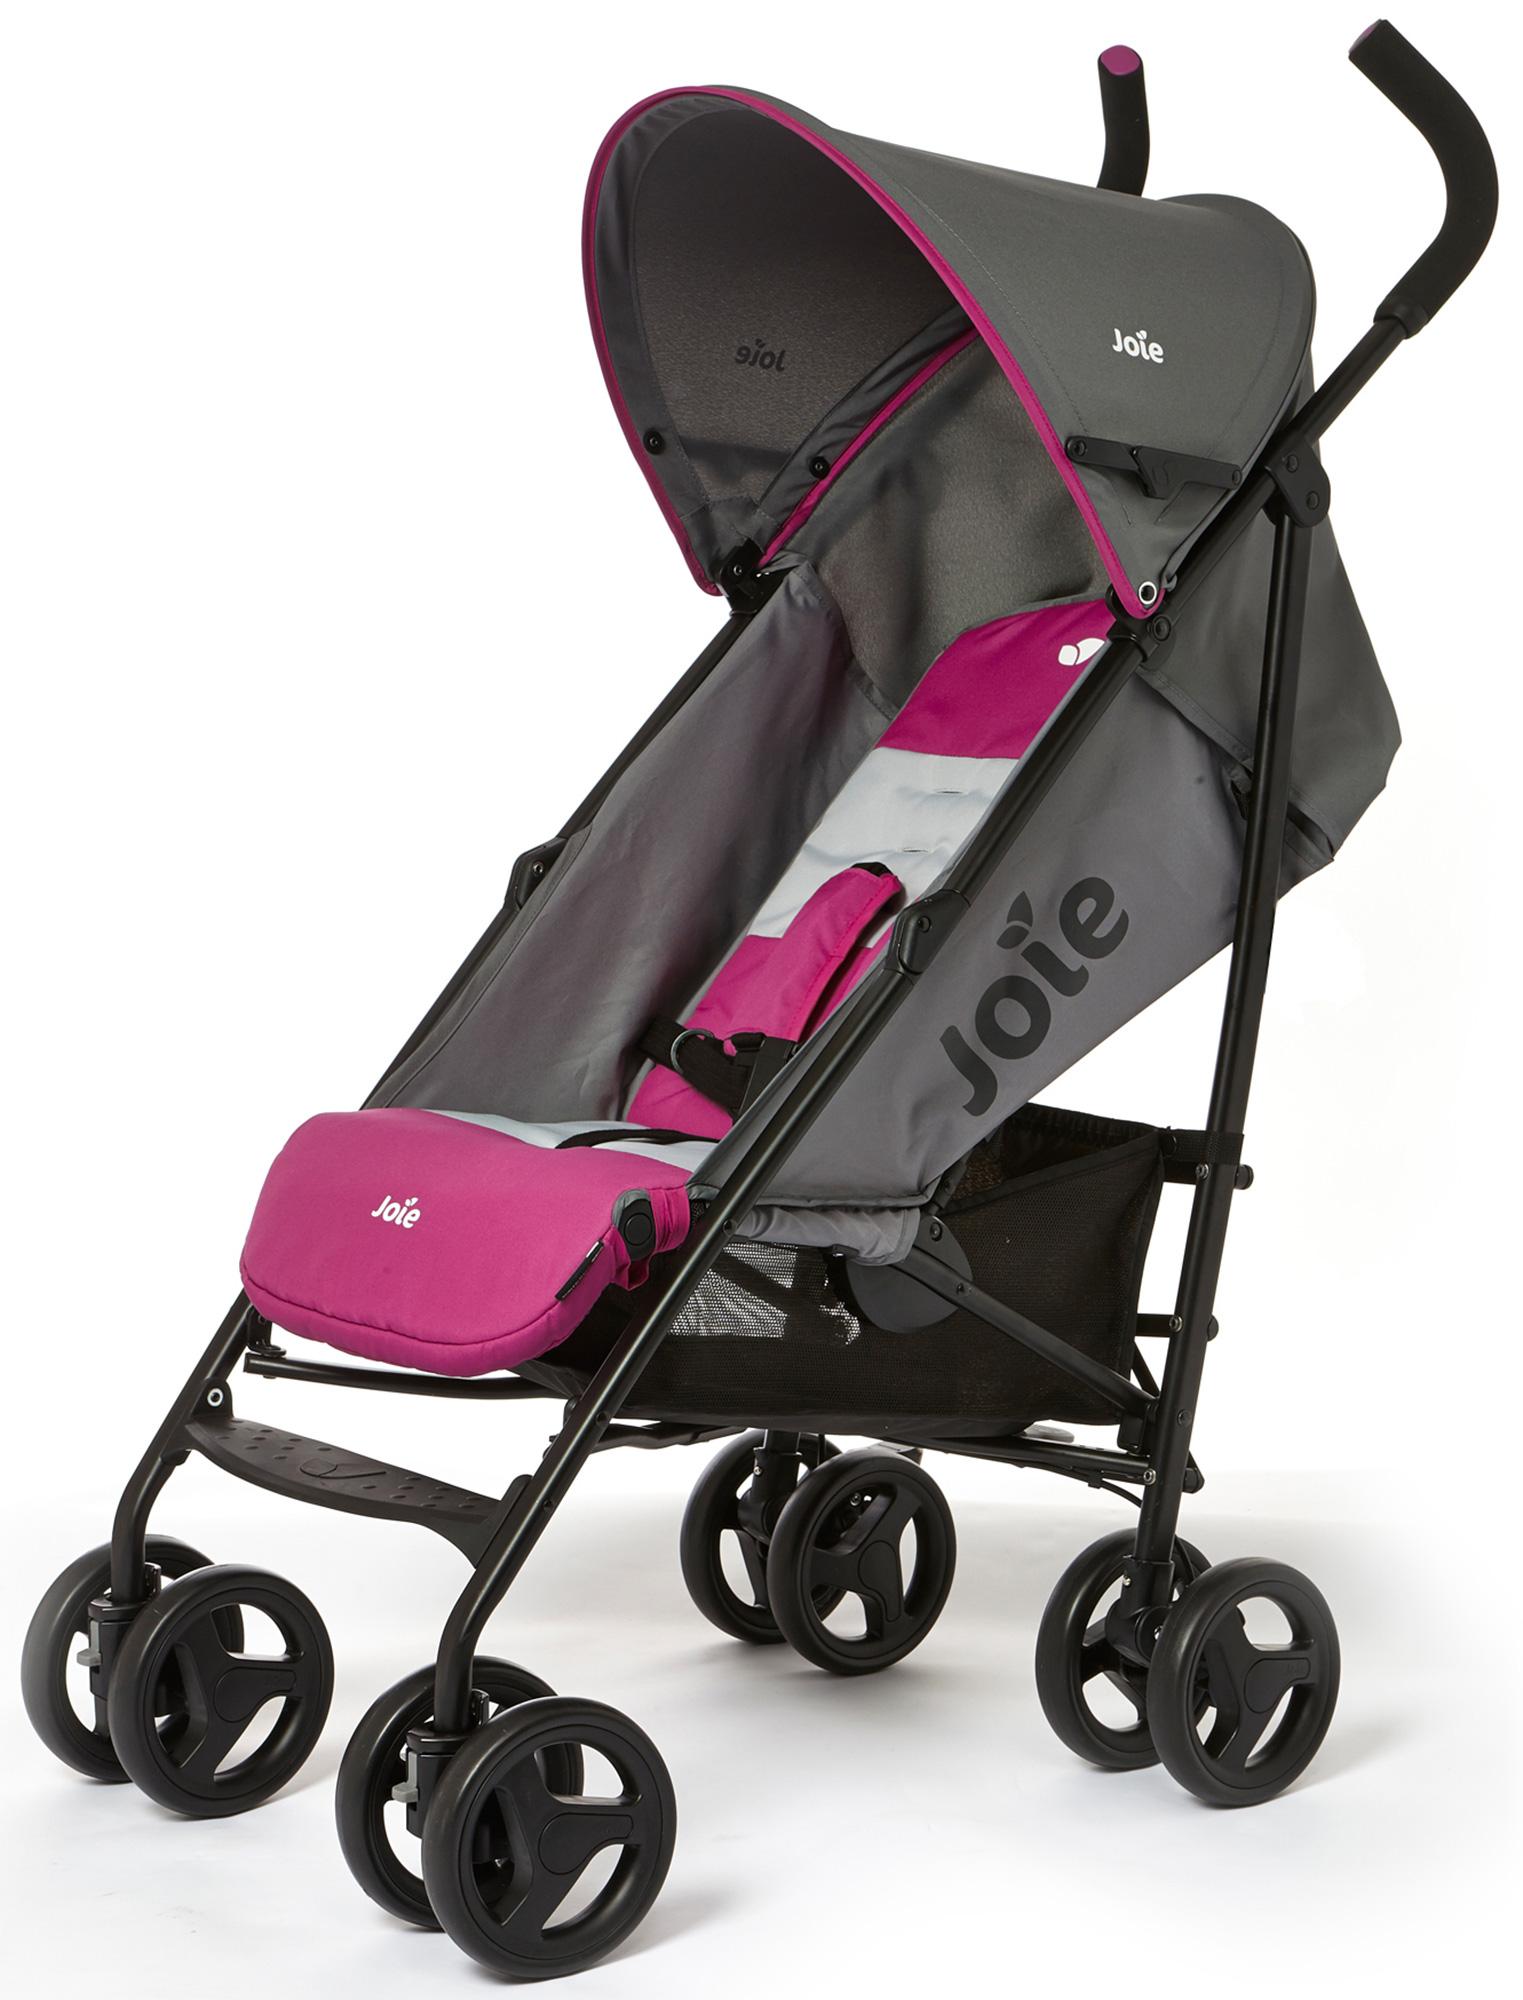 Joie NITRO STROLLER Lightweight Pushchair/Buggy Baby